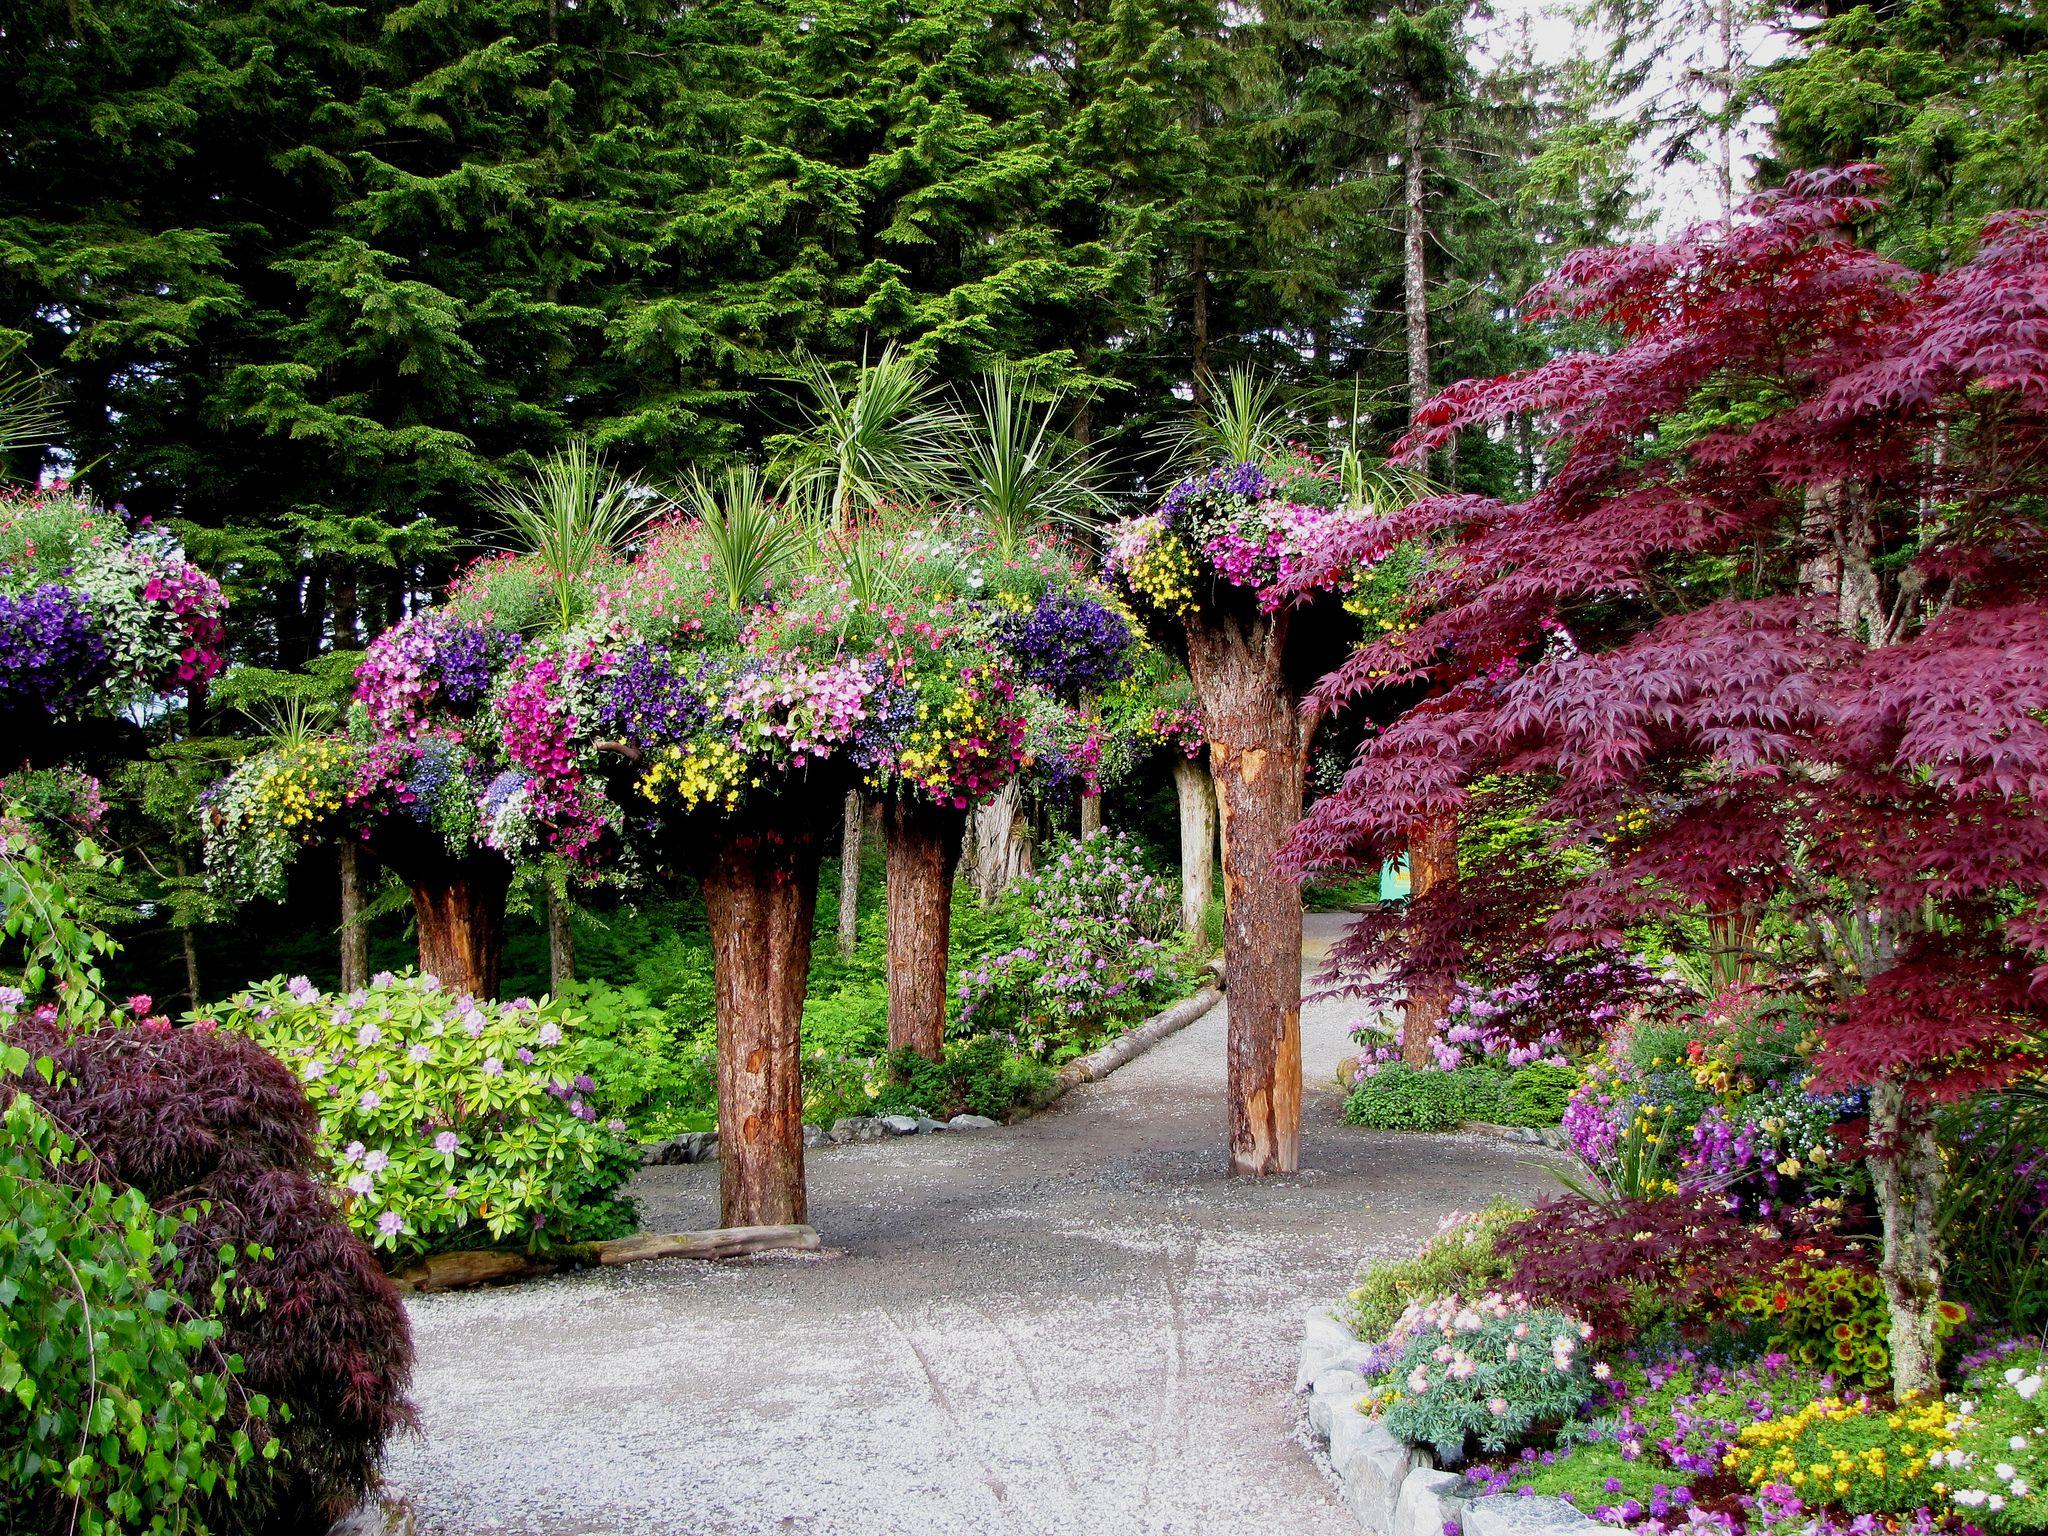 glacier gardens rainforest adventures juneau alaska botanical gardens in juneau alaska - Alaska Botanical Garden